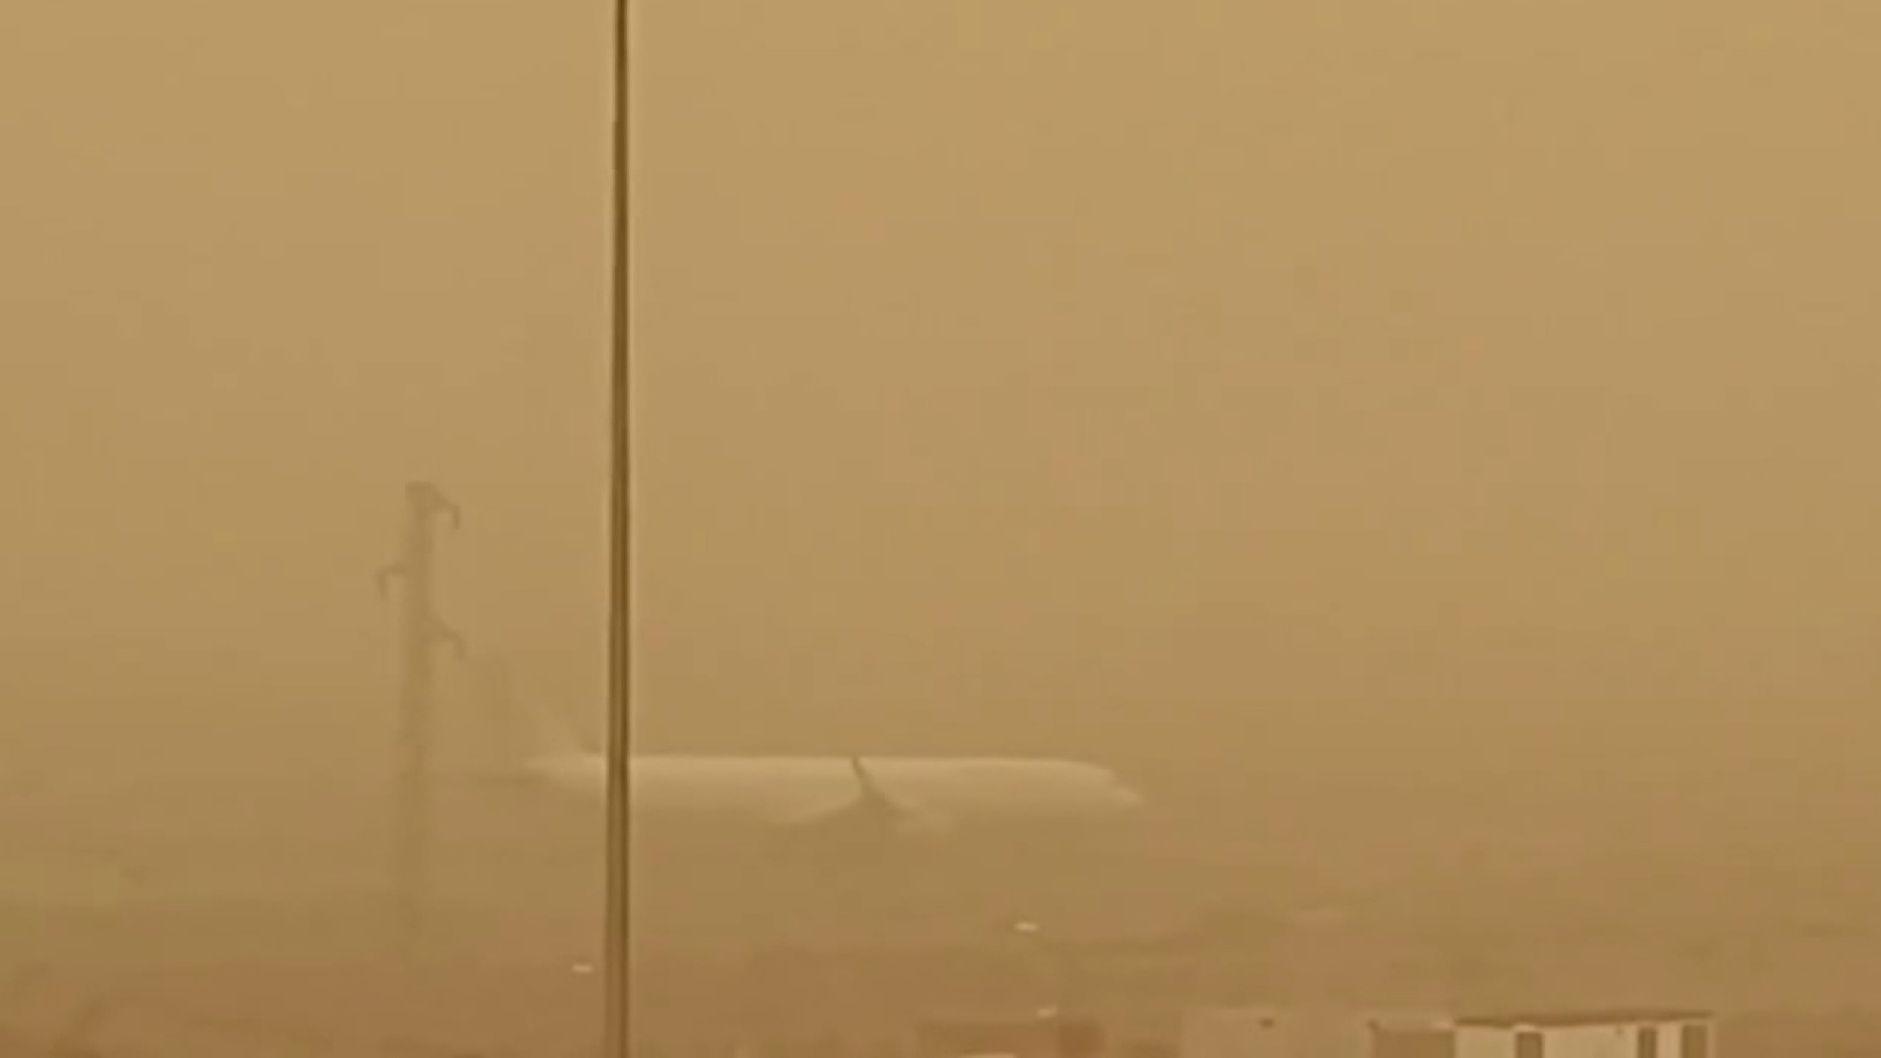 Ein Sahara-Sandsturm hat die Kanarischen Inseln weiter im Griff. Nachdem am Wochenende vorübergehend alle Flughäfen der zu Spanien gehörenden Inseln geschlossen wurden, fiel heute für alle Schüler der Unterricht aus.